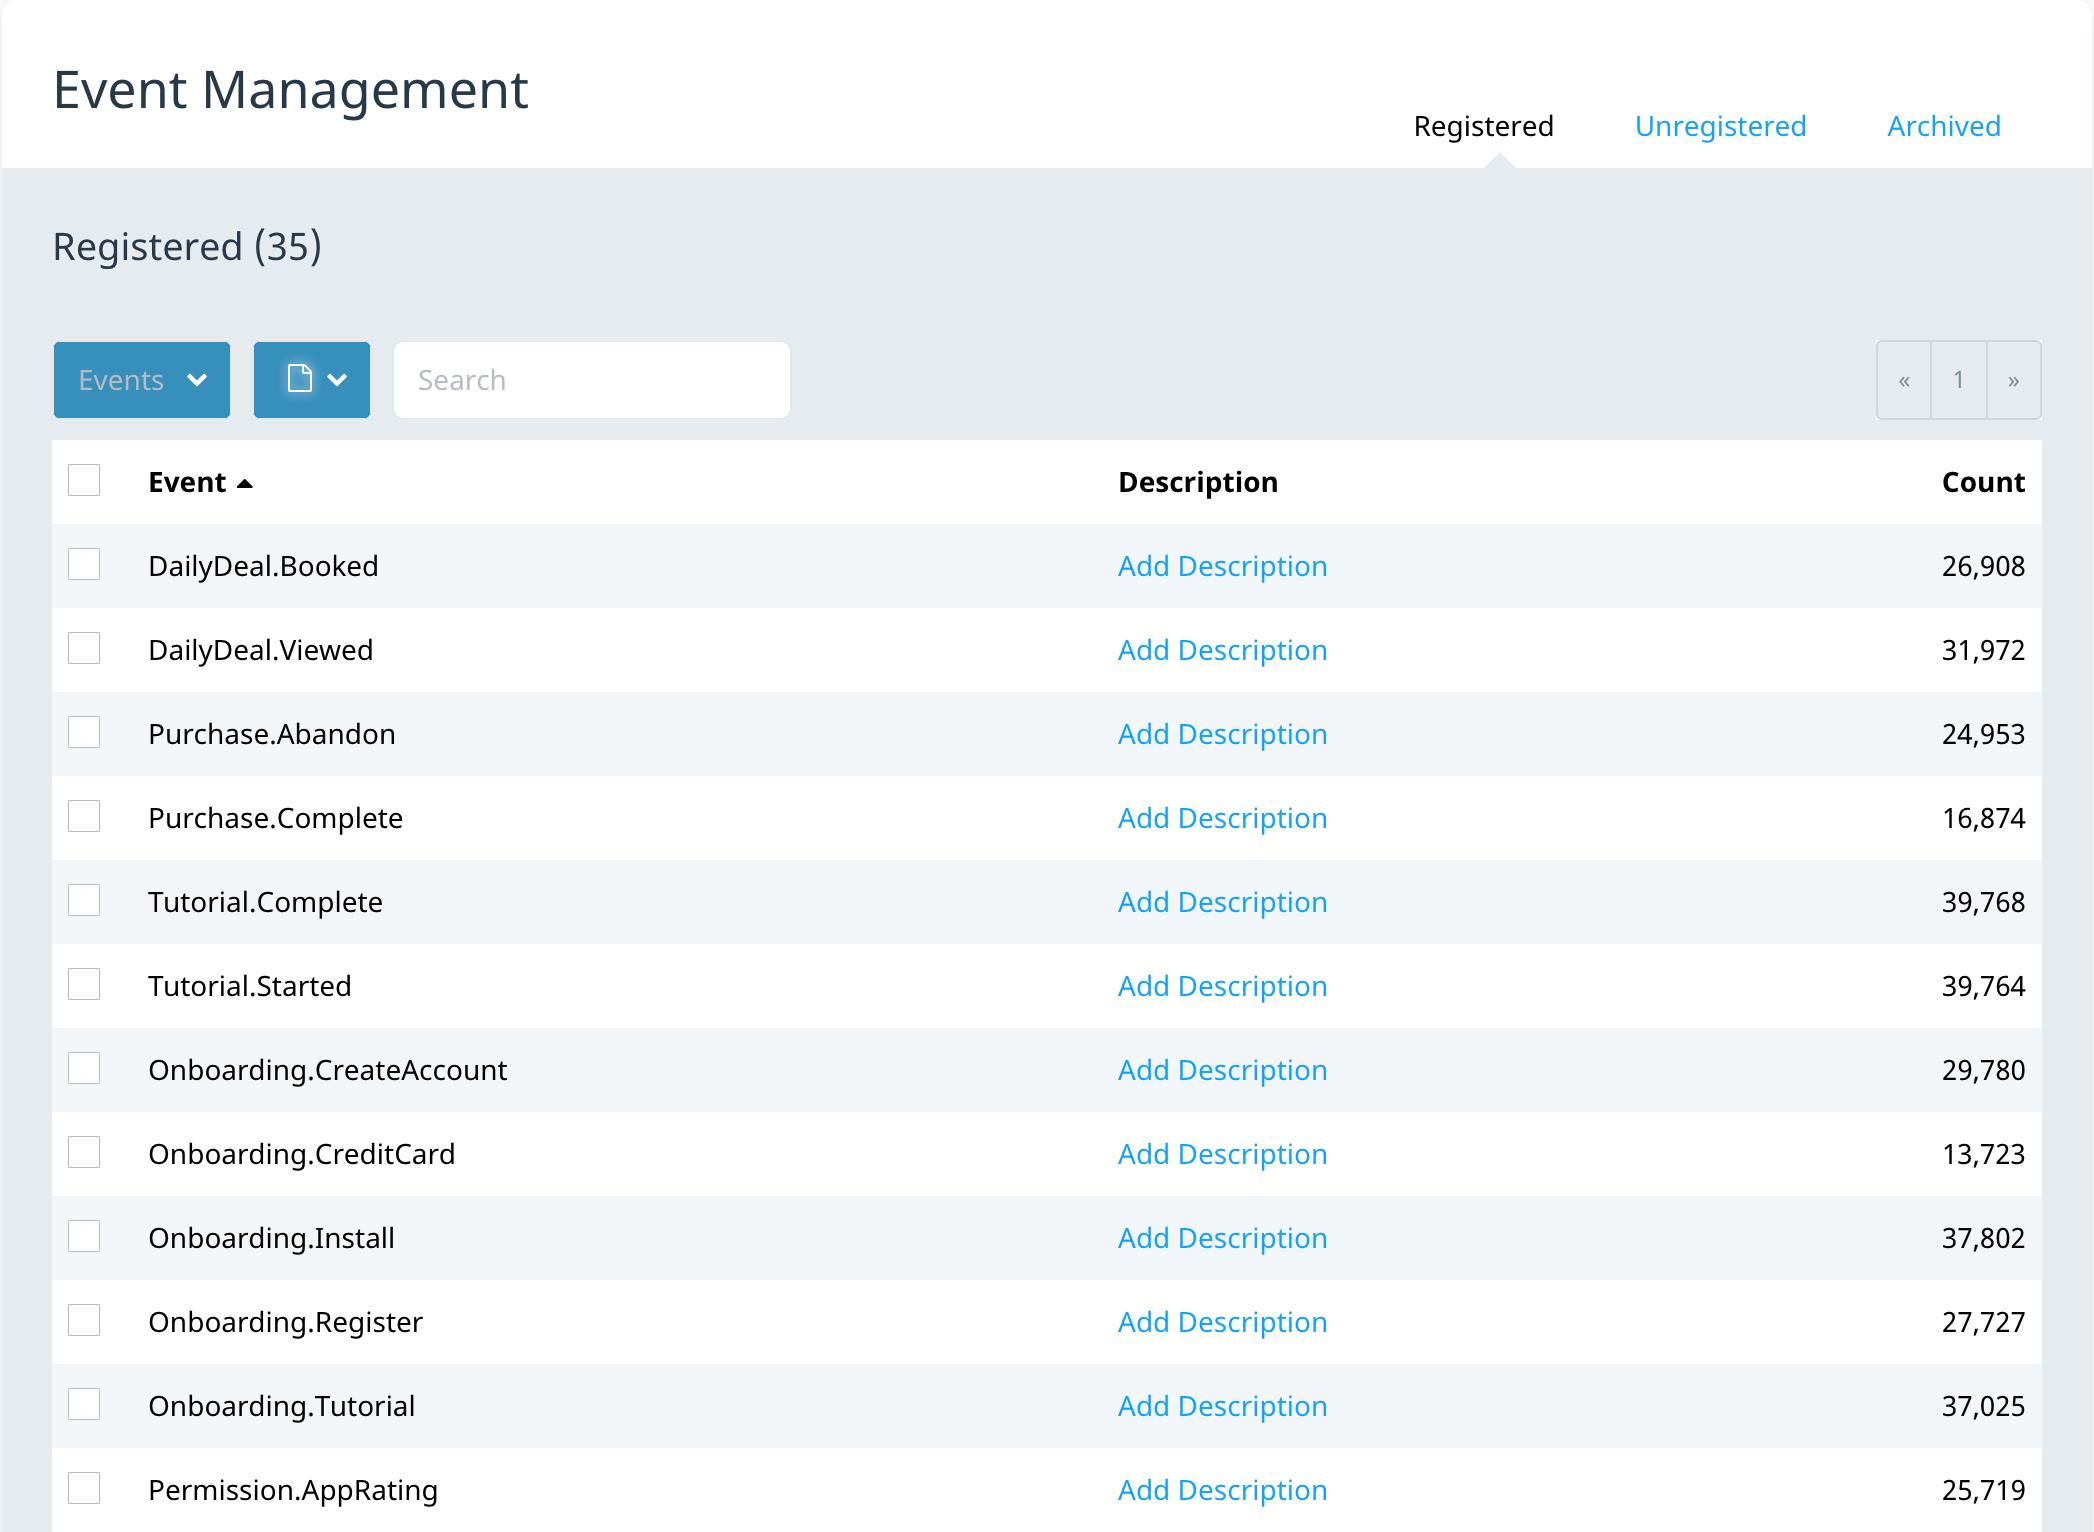 Event Management screen